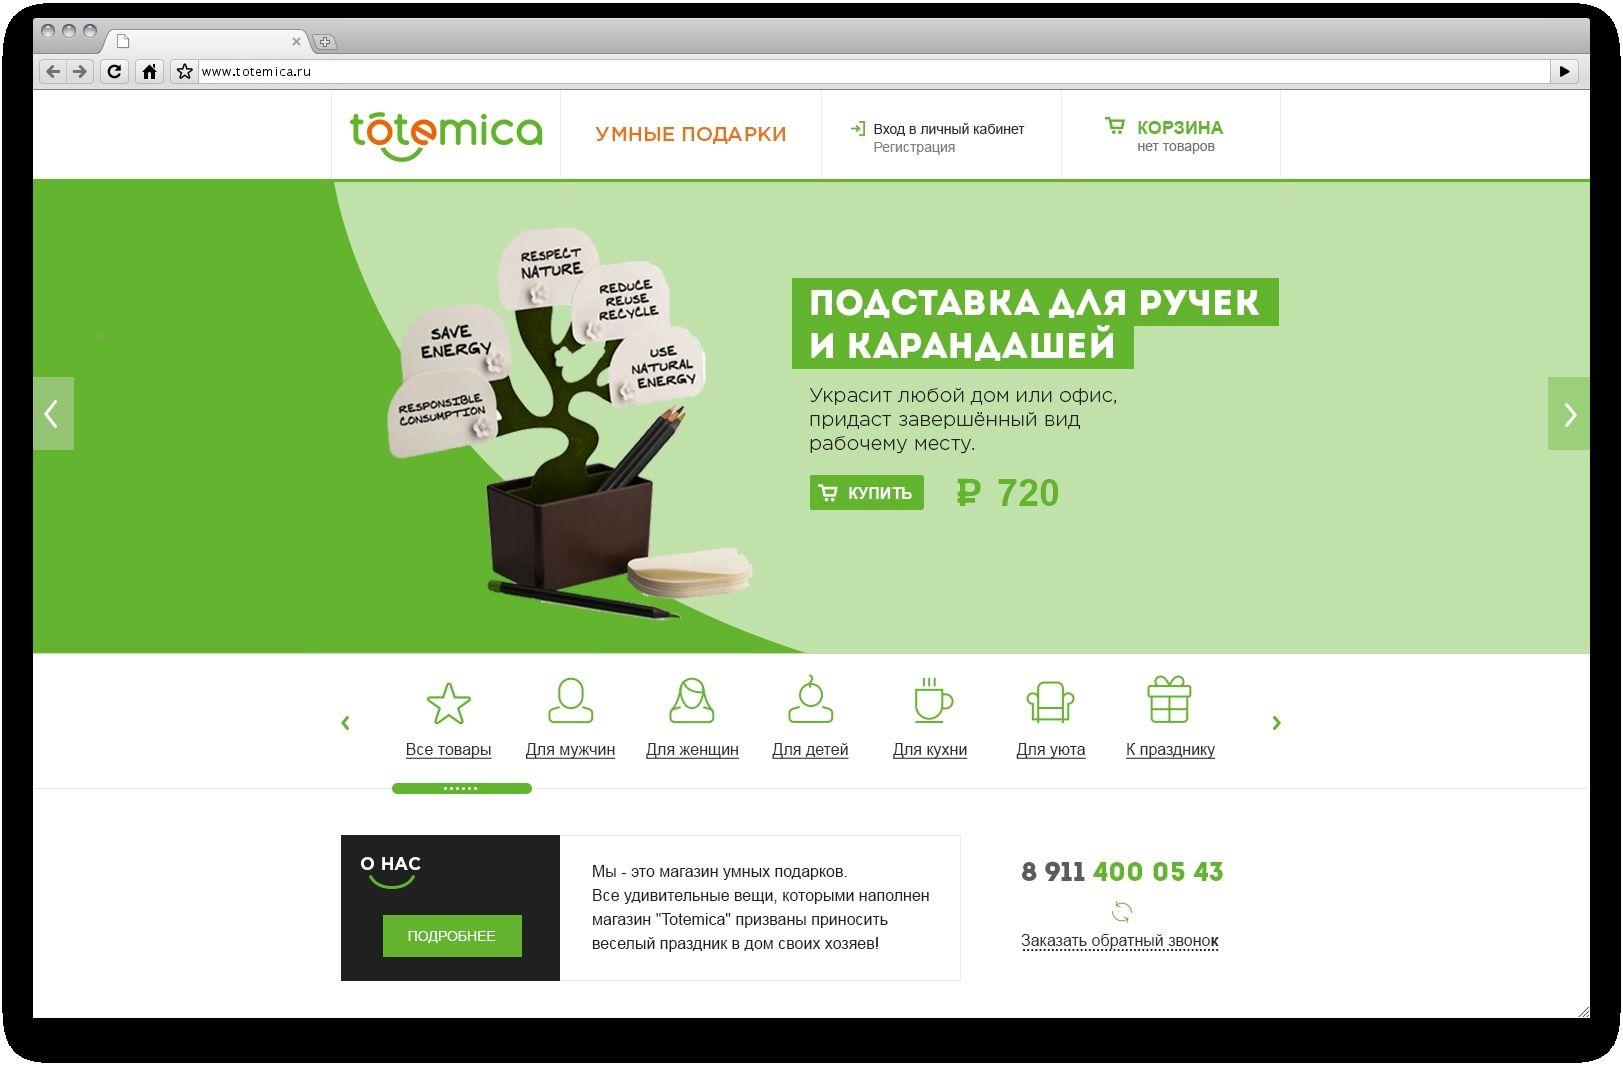 Дизайн сайта интернет магазина - дизайнер eduardo